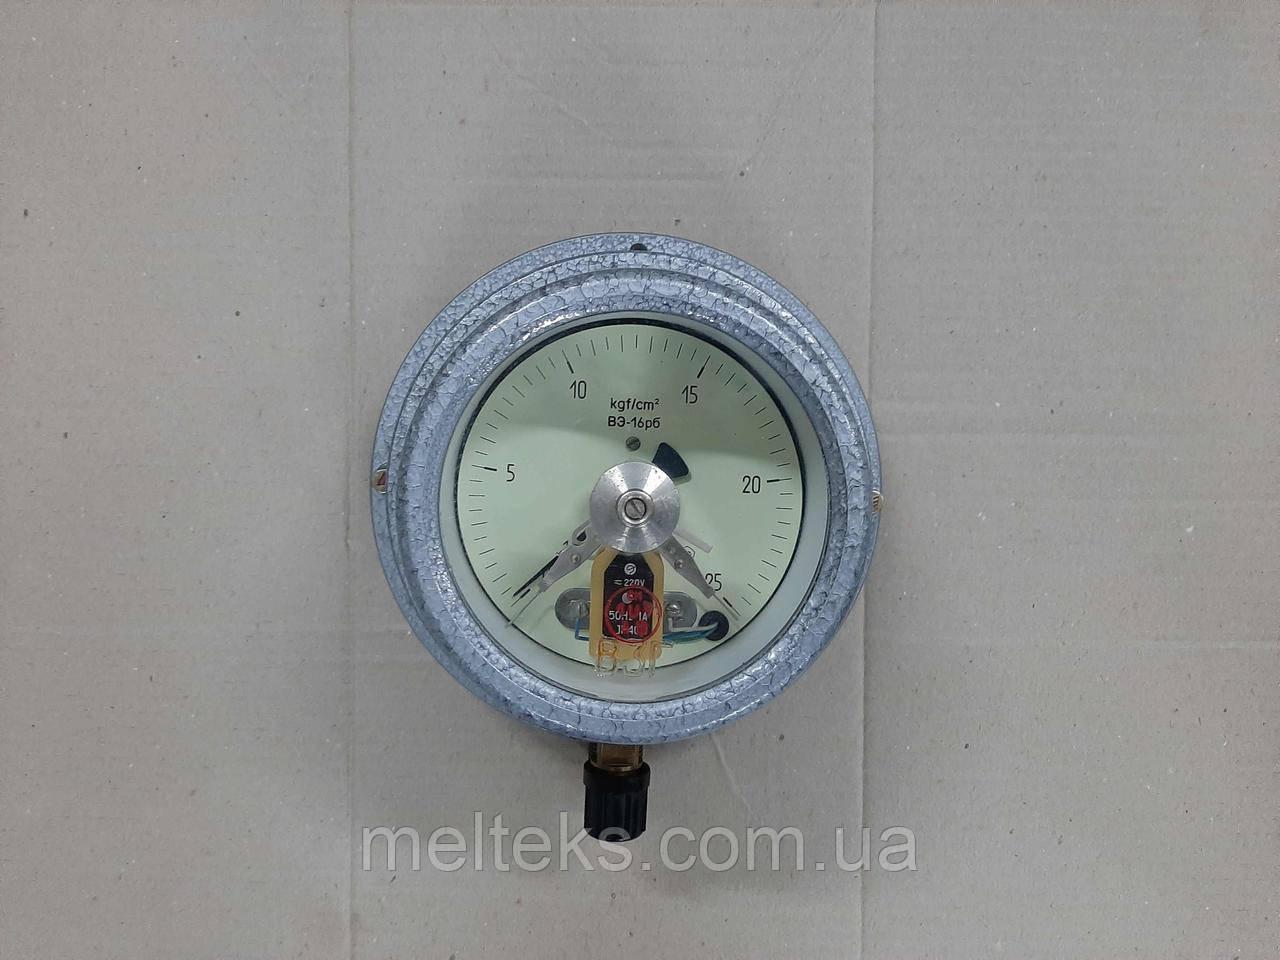 Манометр ВЭ-16рб 25 атм для газовых заправок с Поверкой